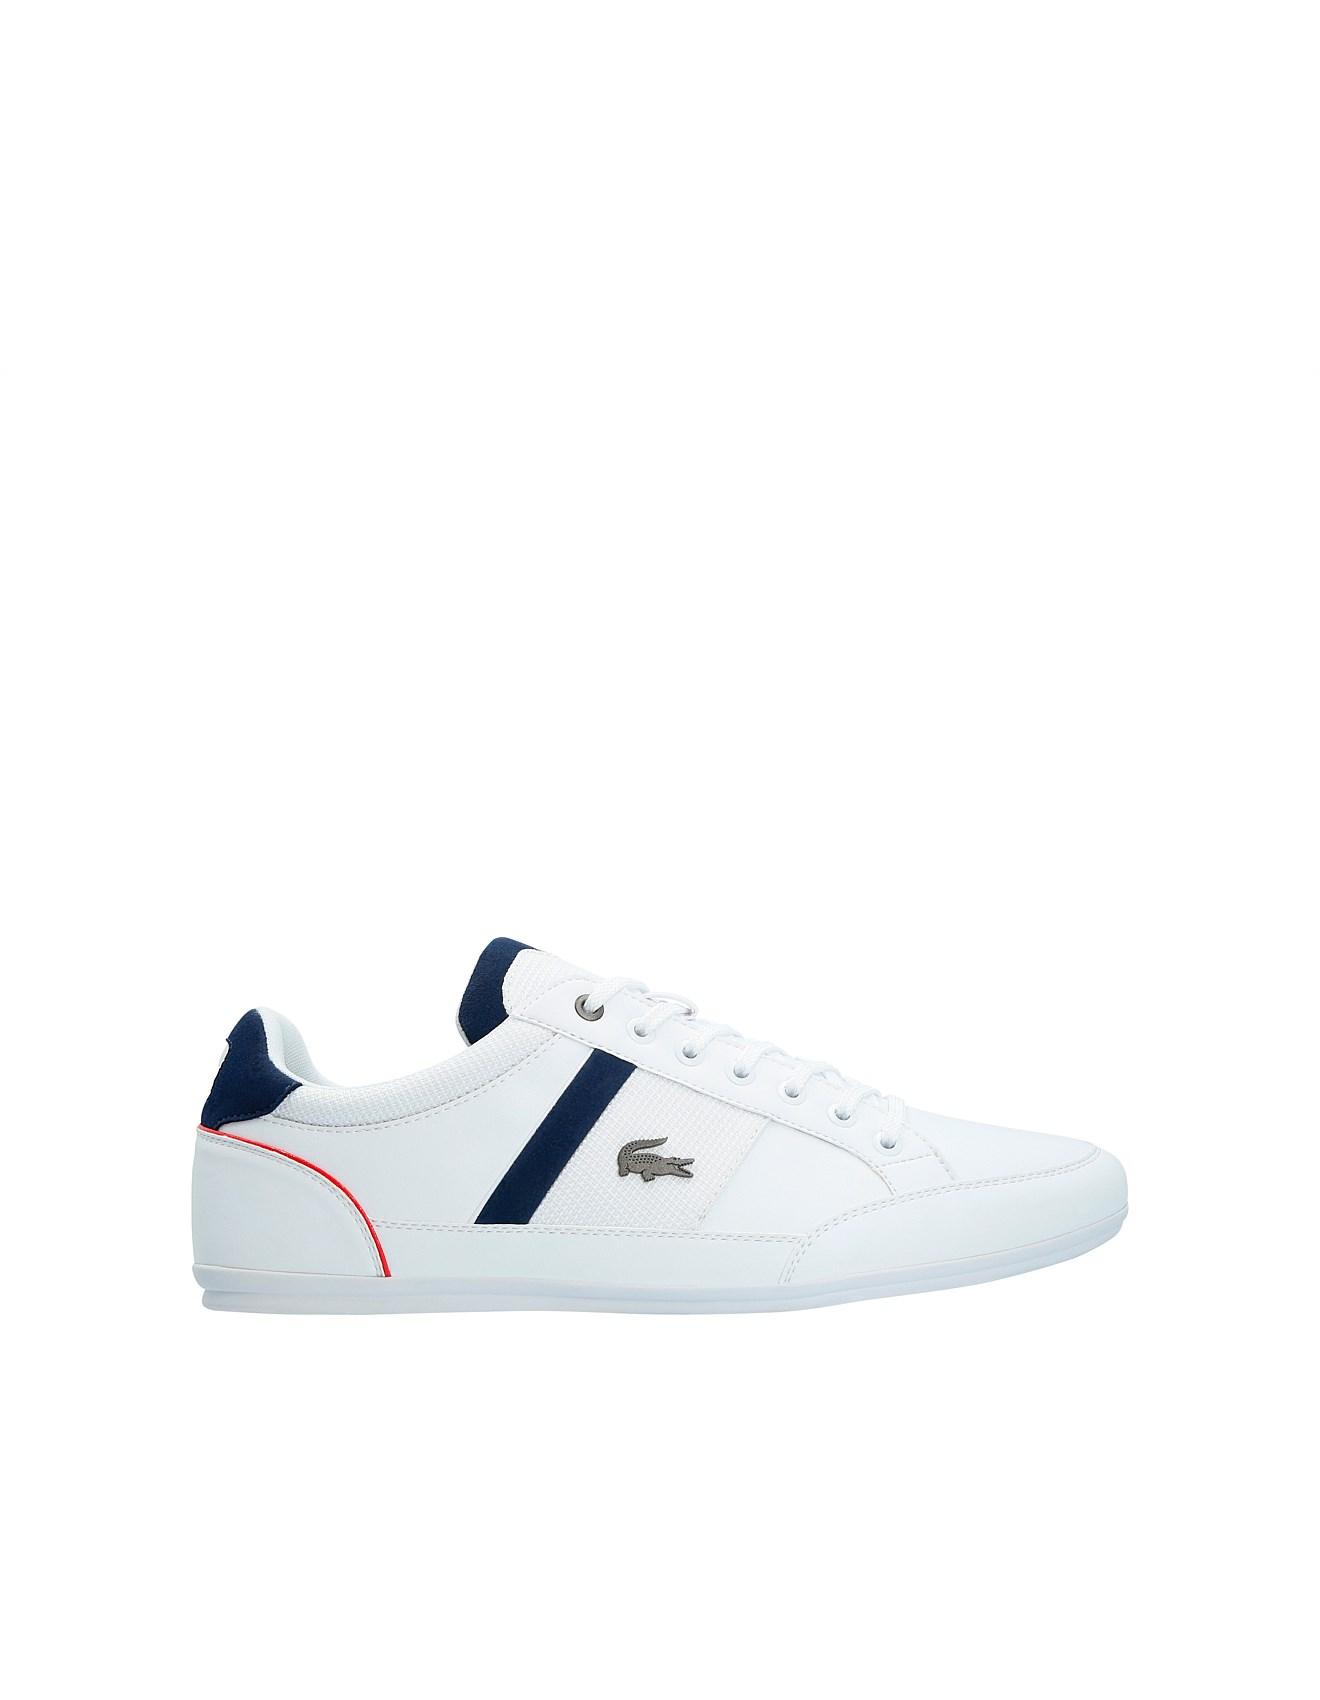 David Jones Clothing Shoesamp; Online LacosteBuy CWrodxBQeE